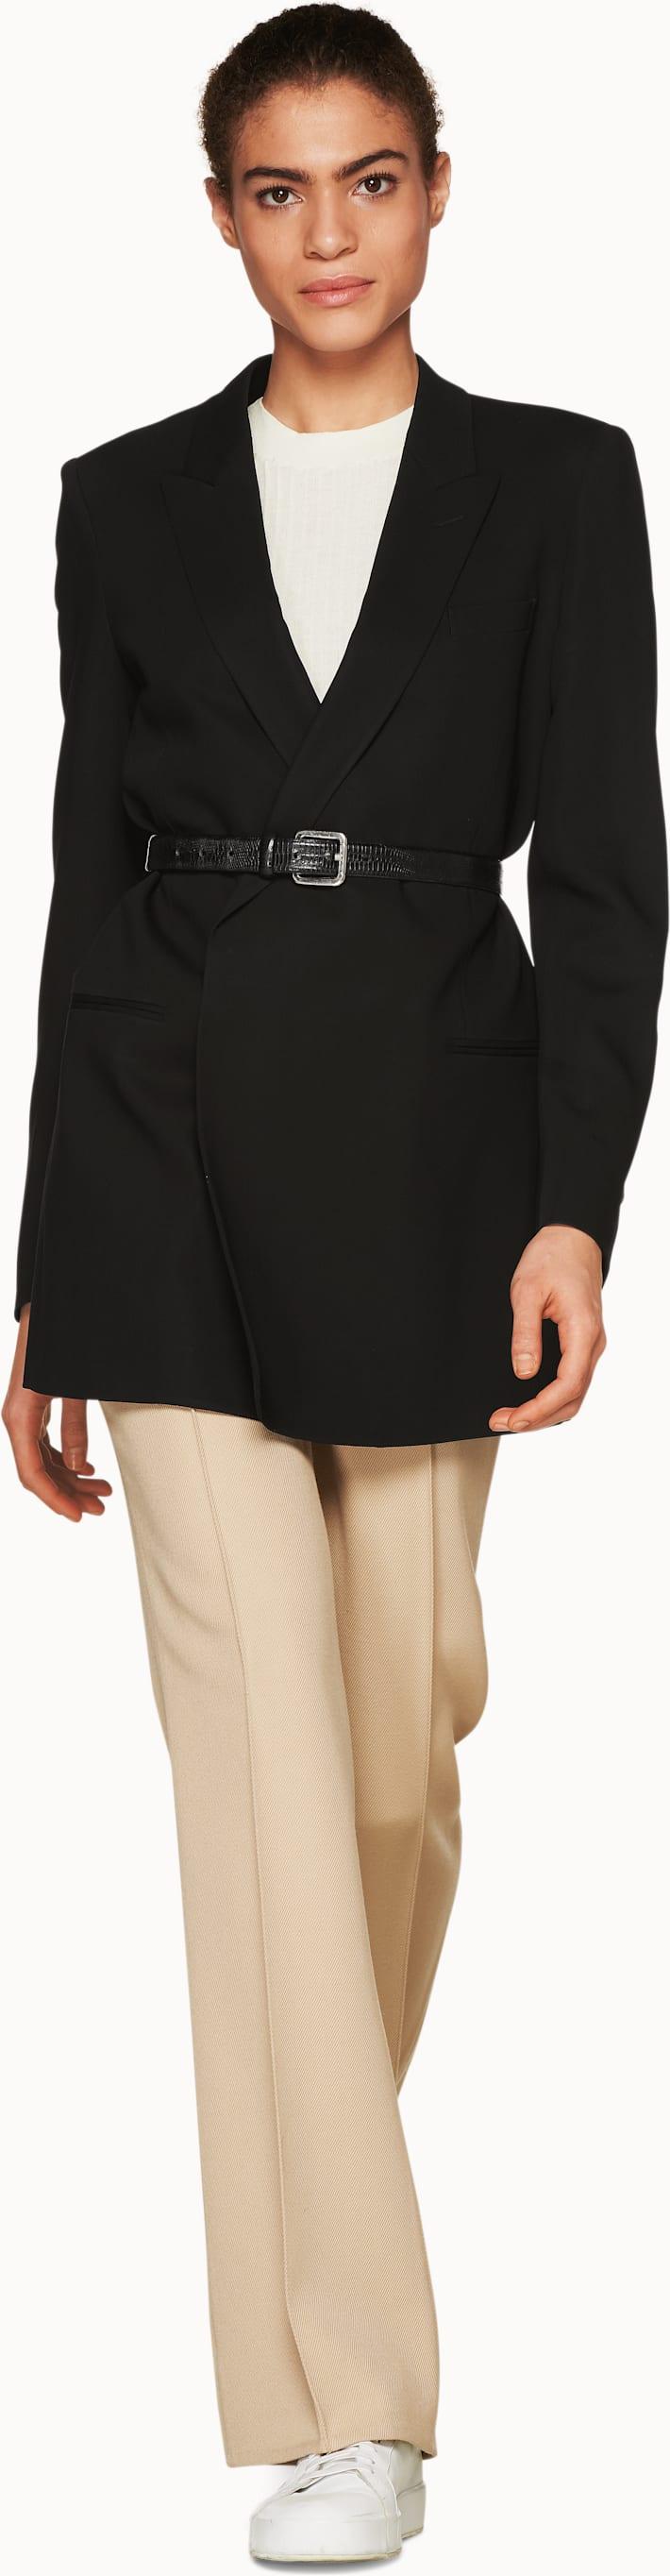 Tory Black  Jacket